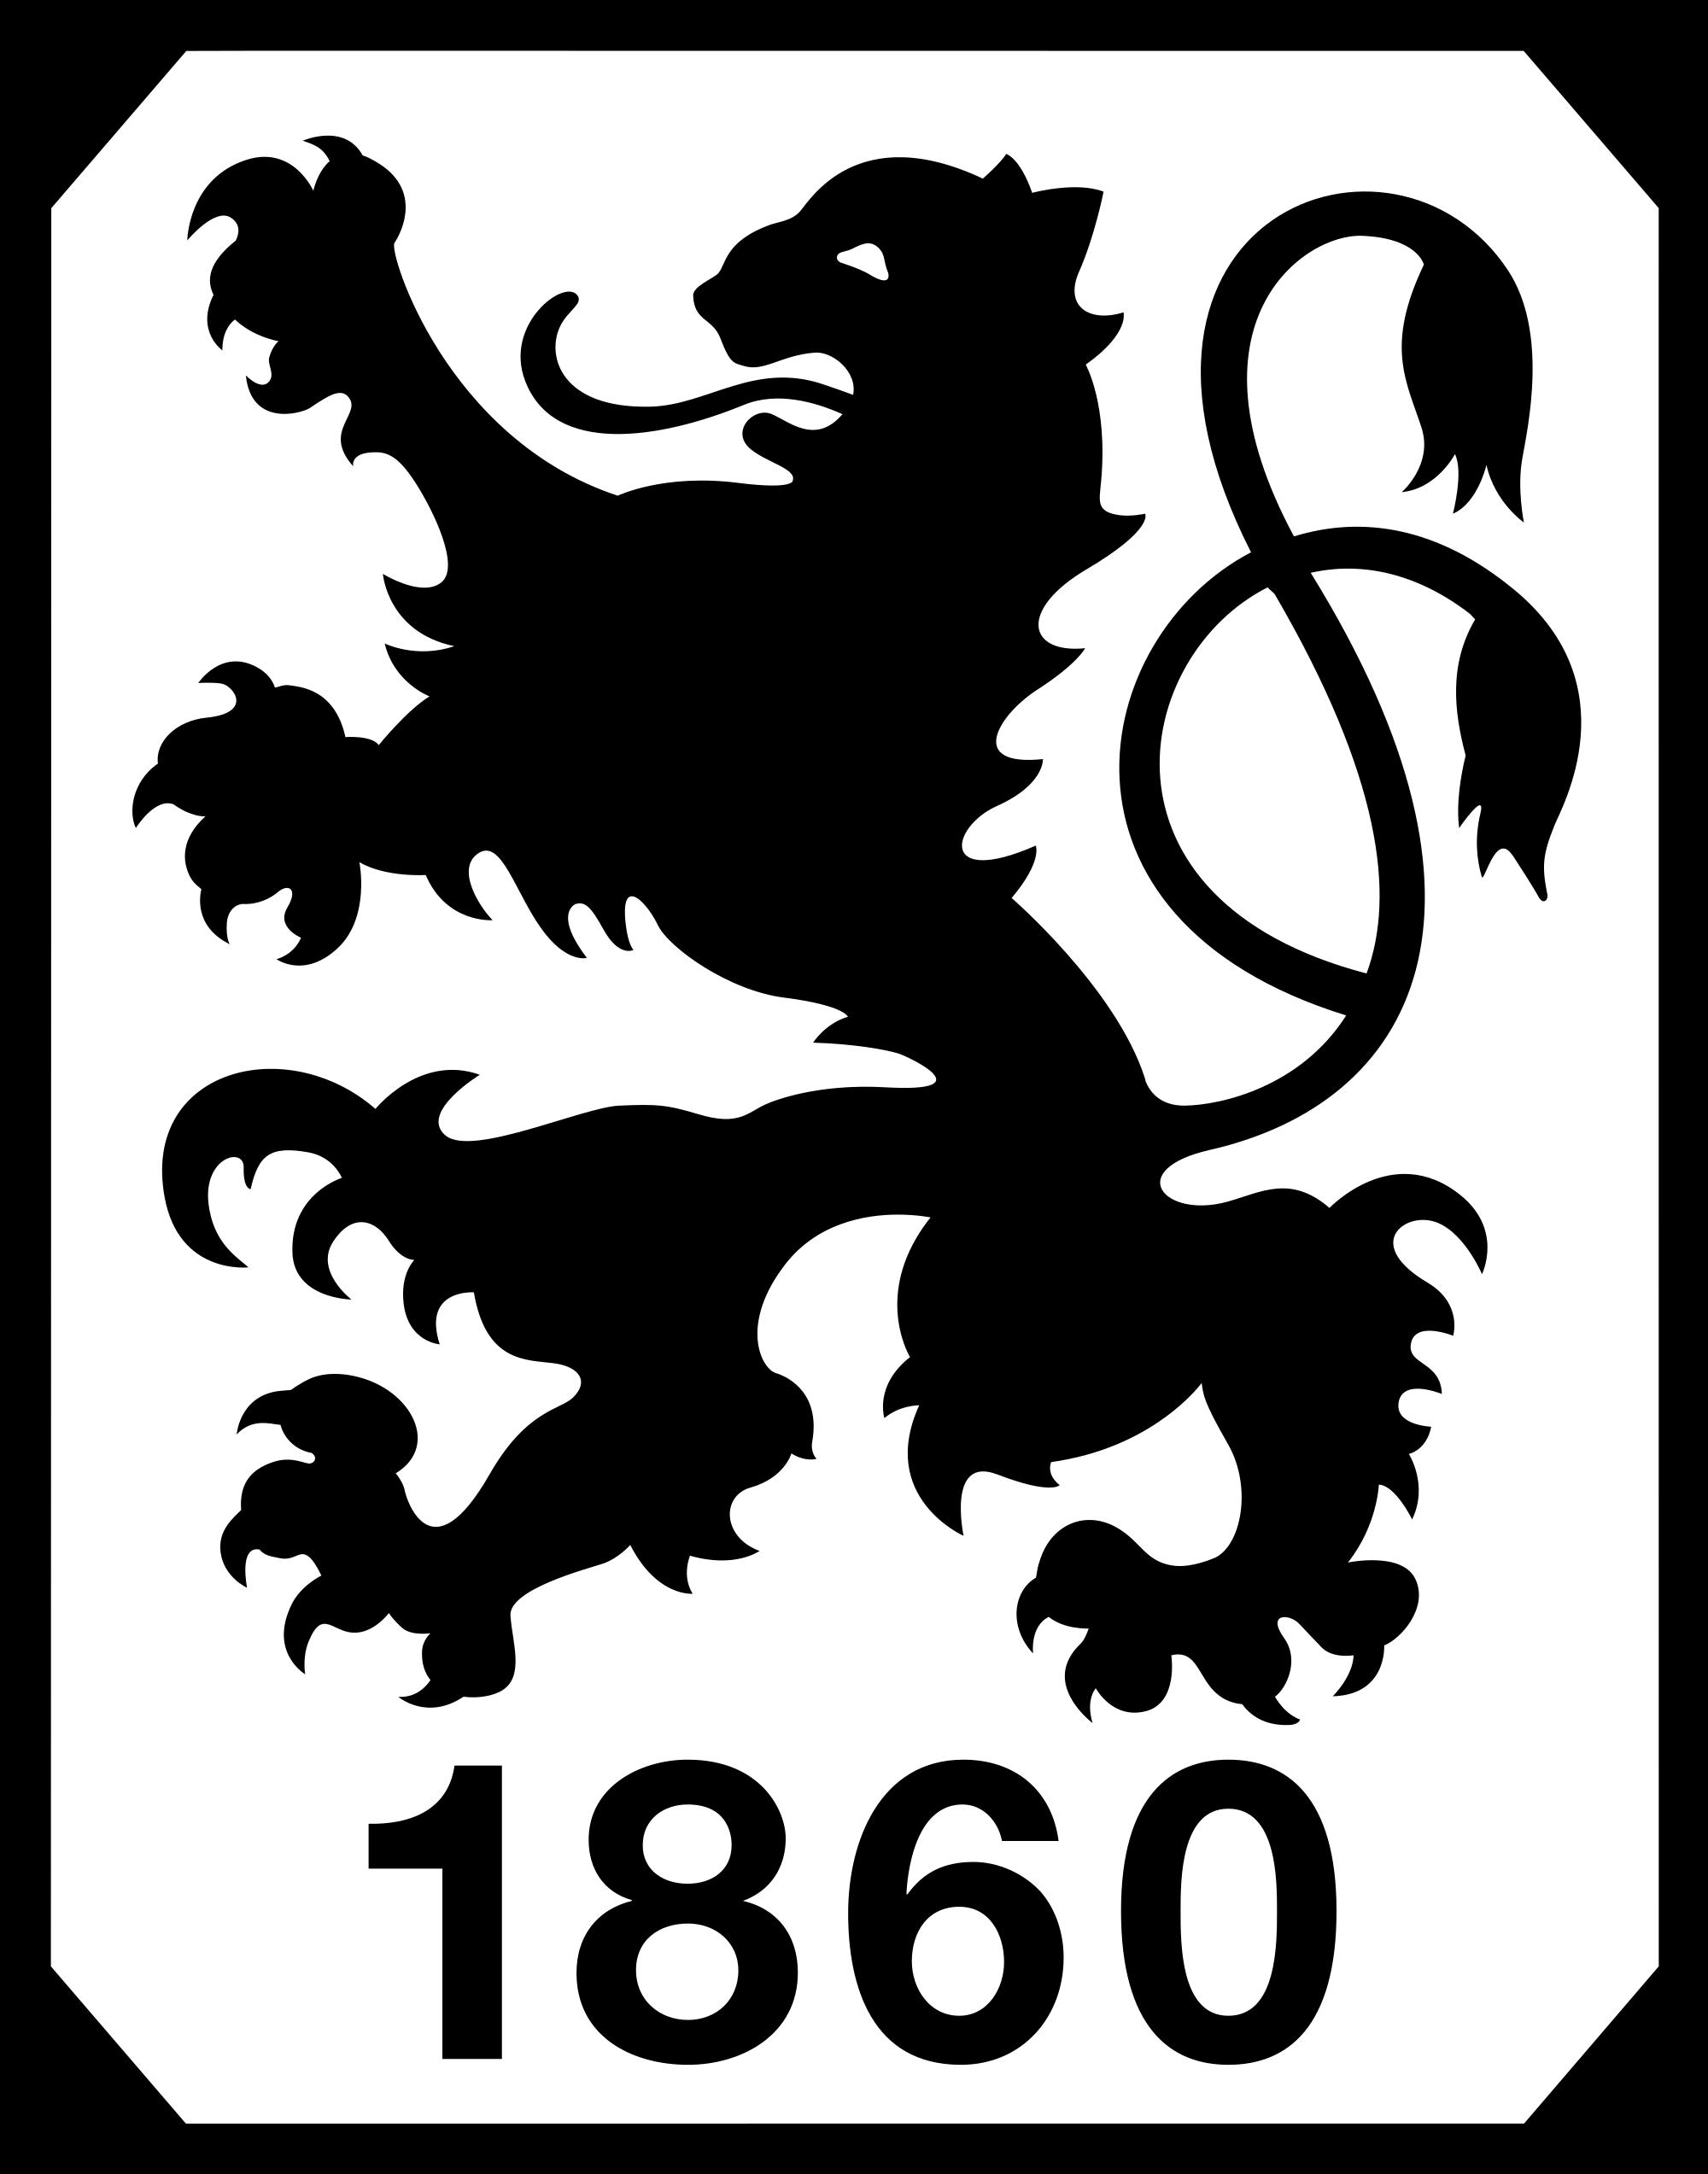 tsv 1860 munchen tsv 1860 bundesliga logo 1860 munchen tsv 1860 munchen tsv 1860 bundesliga